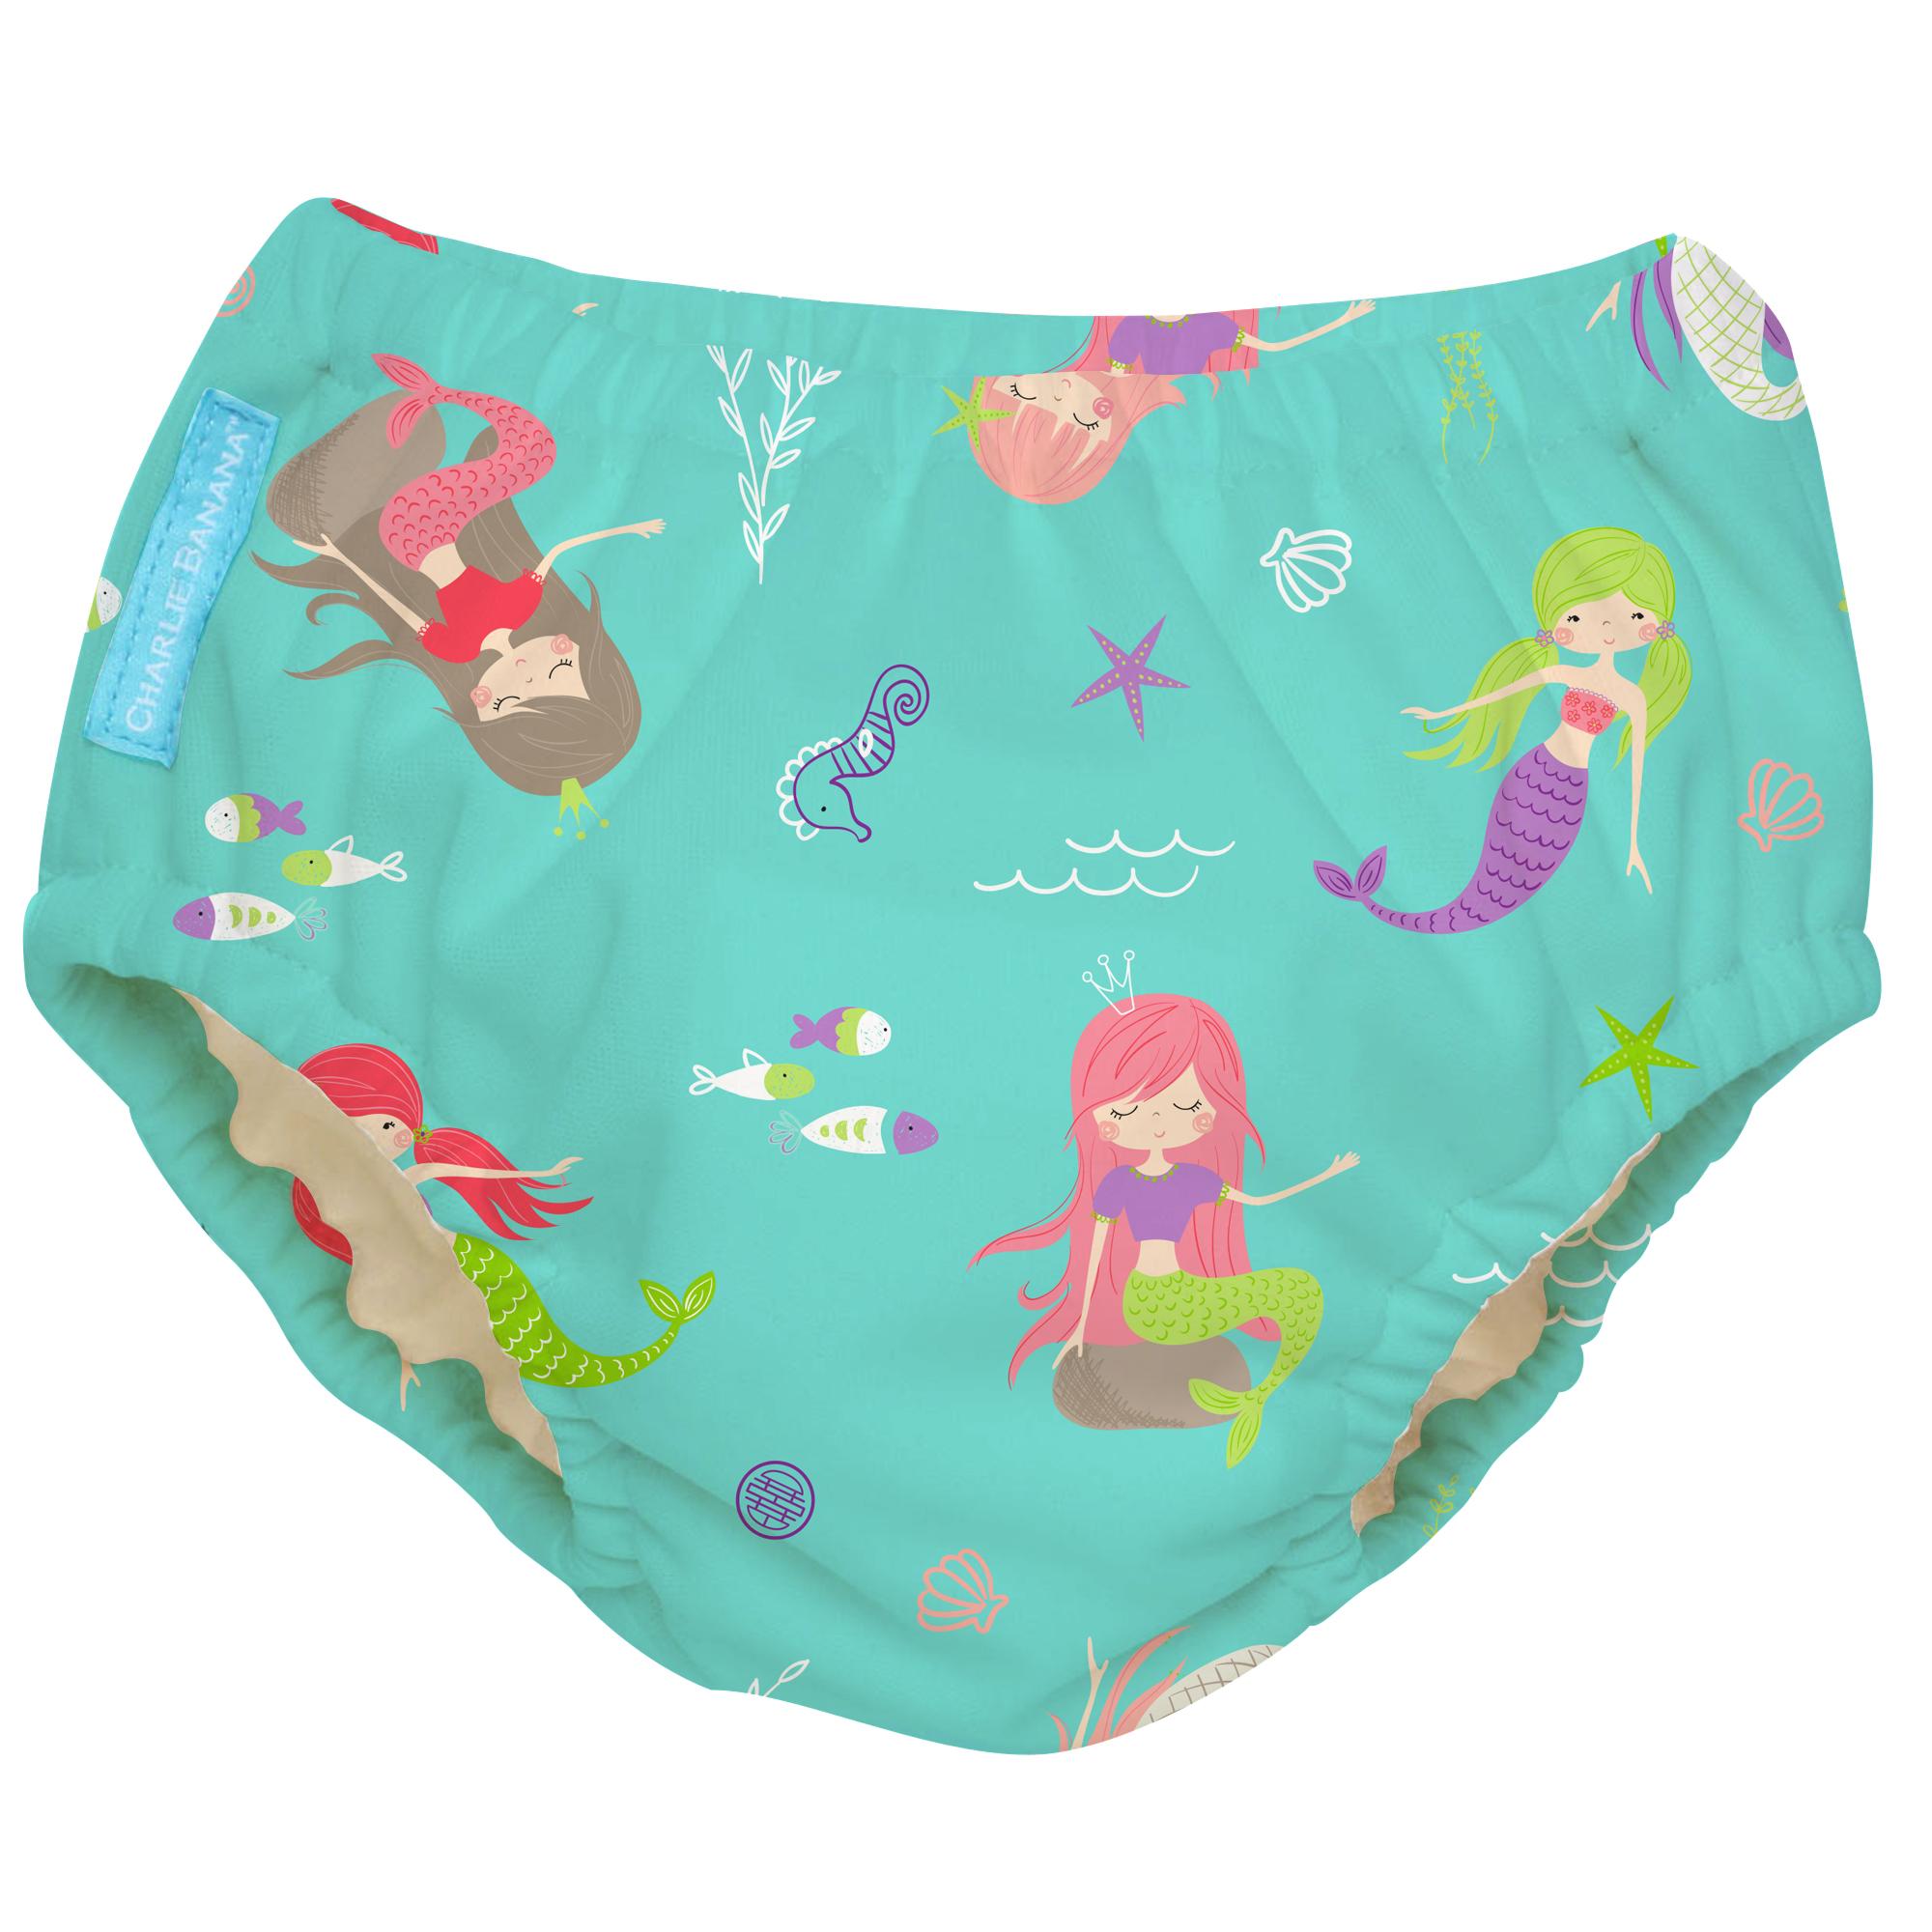 2-in-1 Schwimm- und Töpfchenhose Mermaid Jade